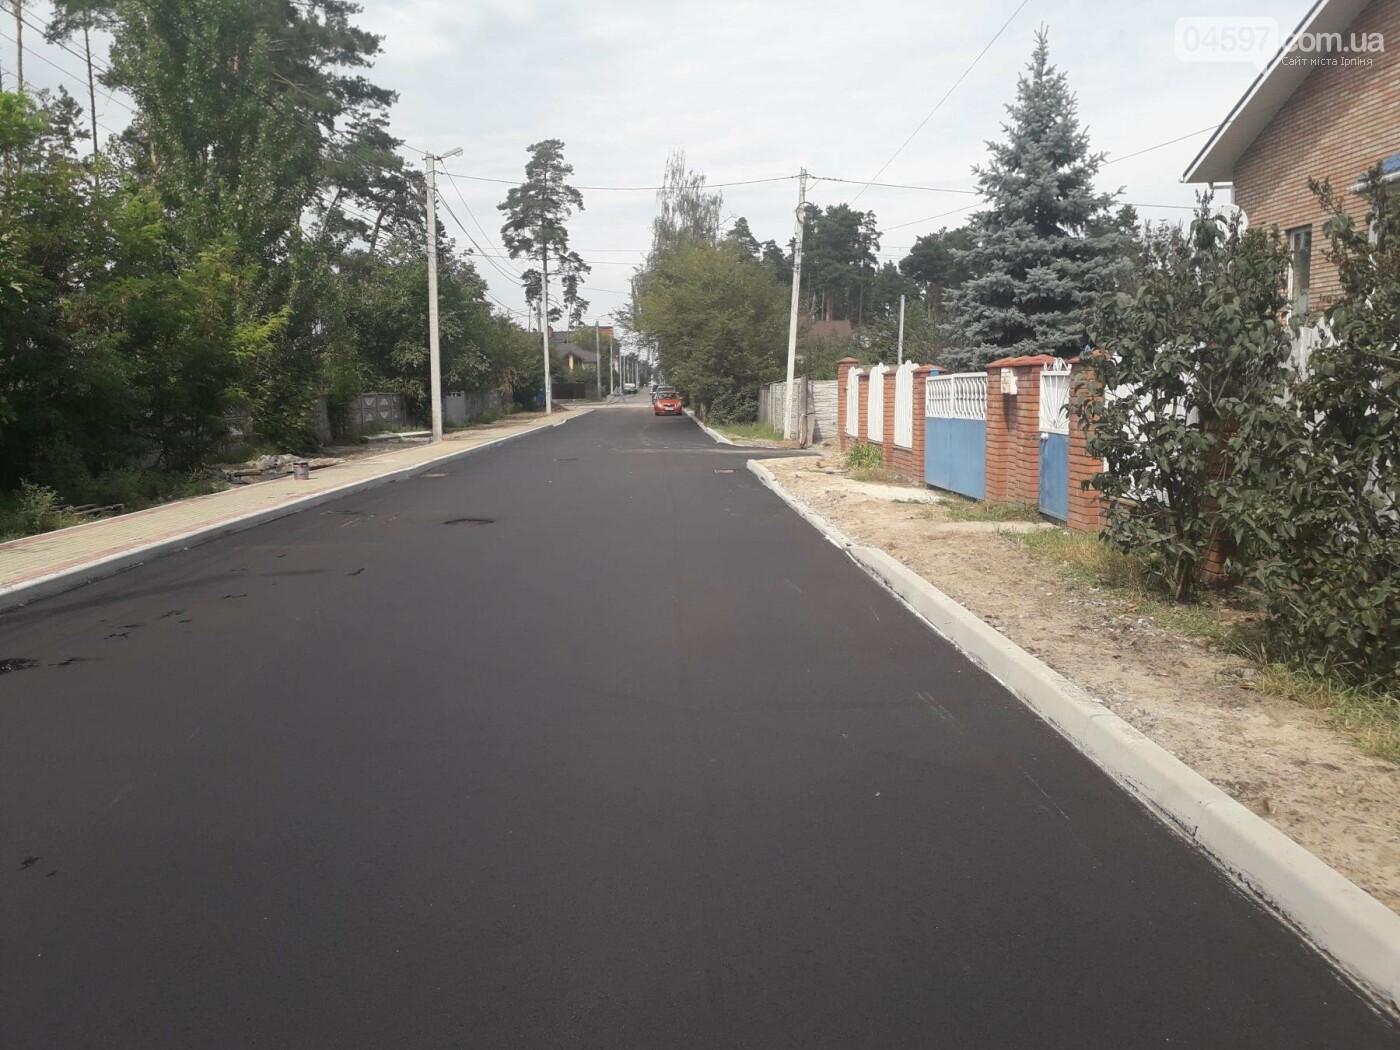 Вулиця Українська - з новим асфальтним покриттям, фото-1